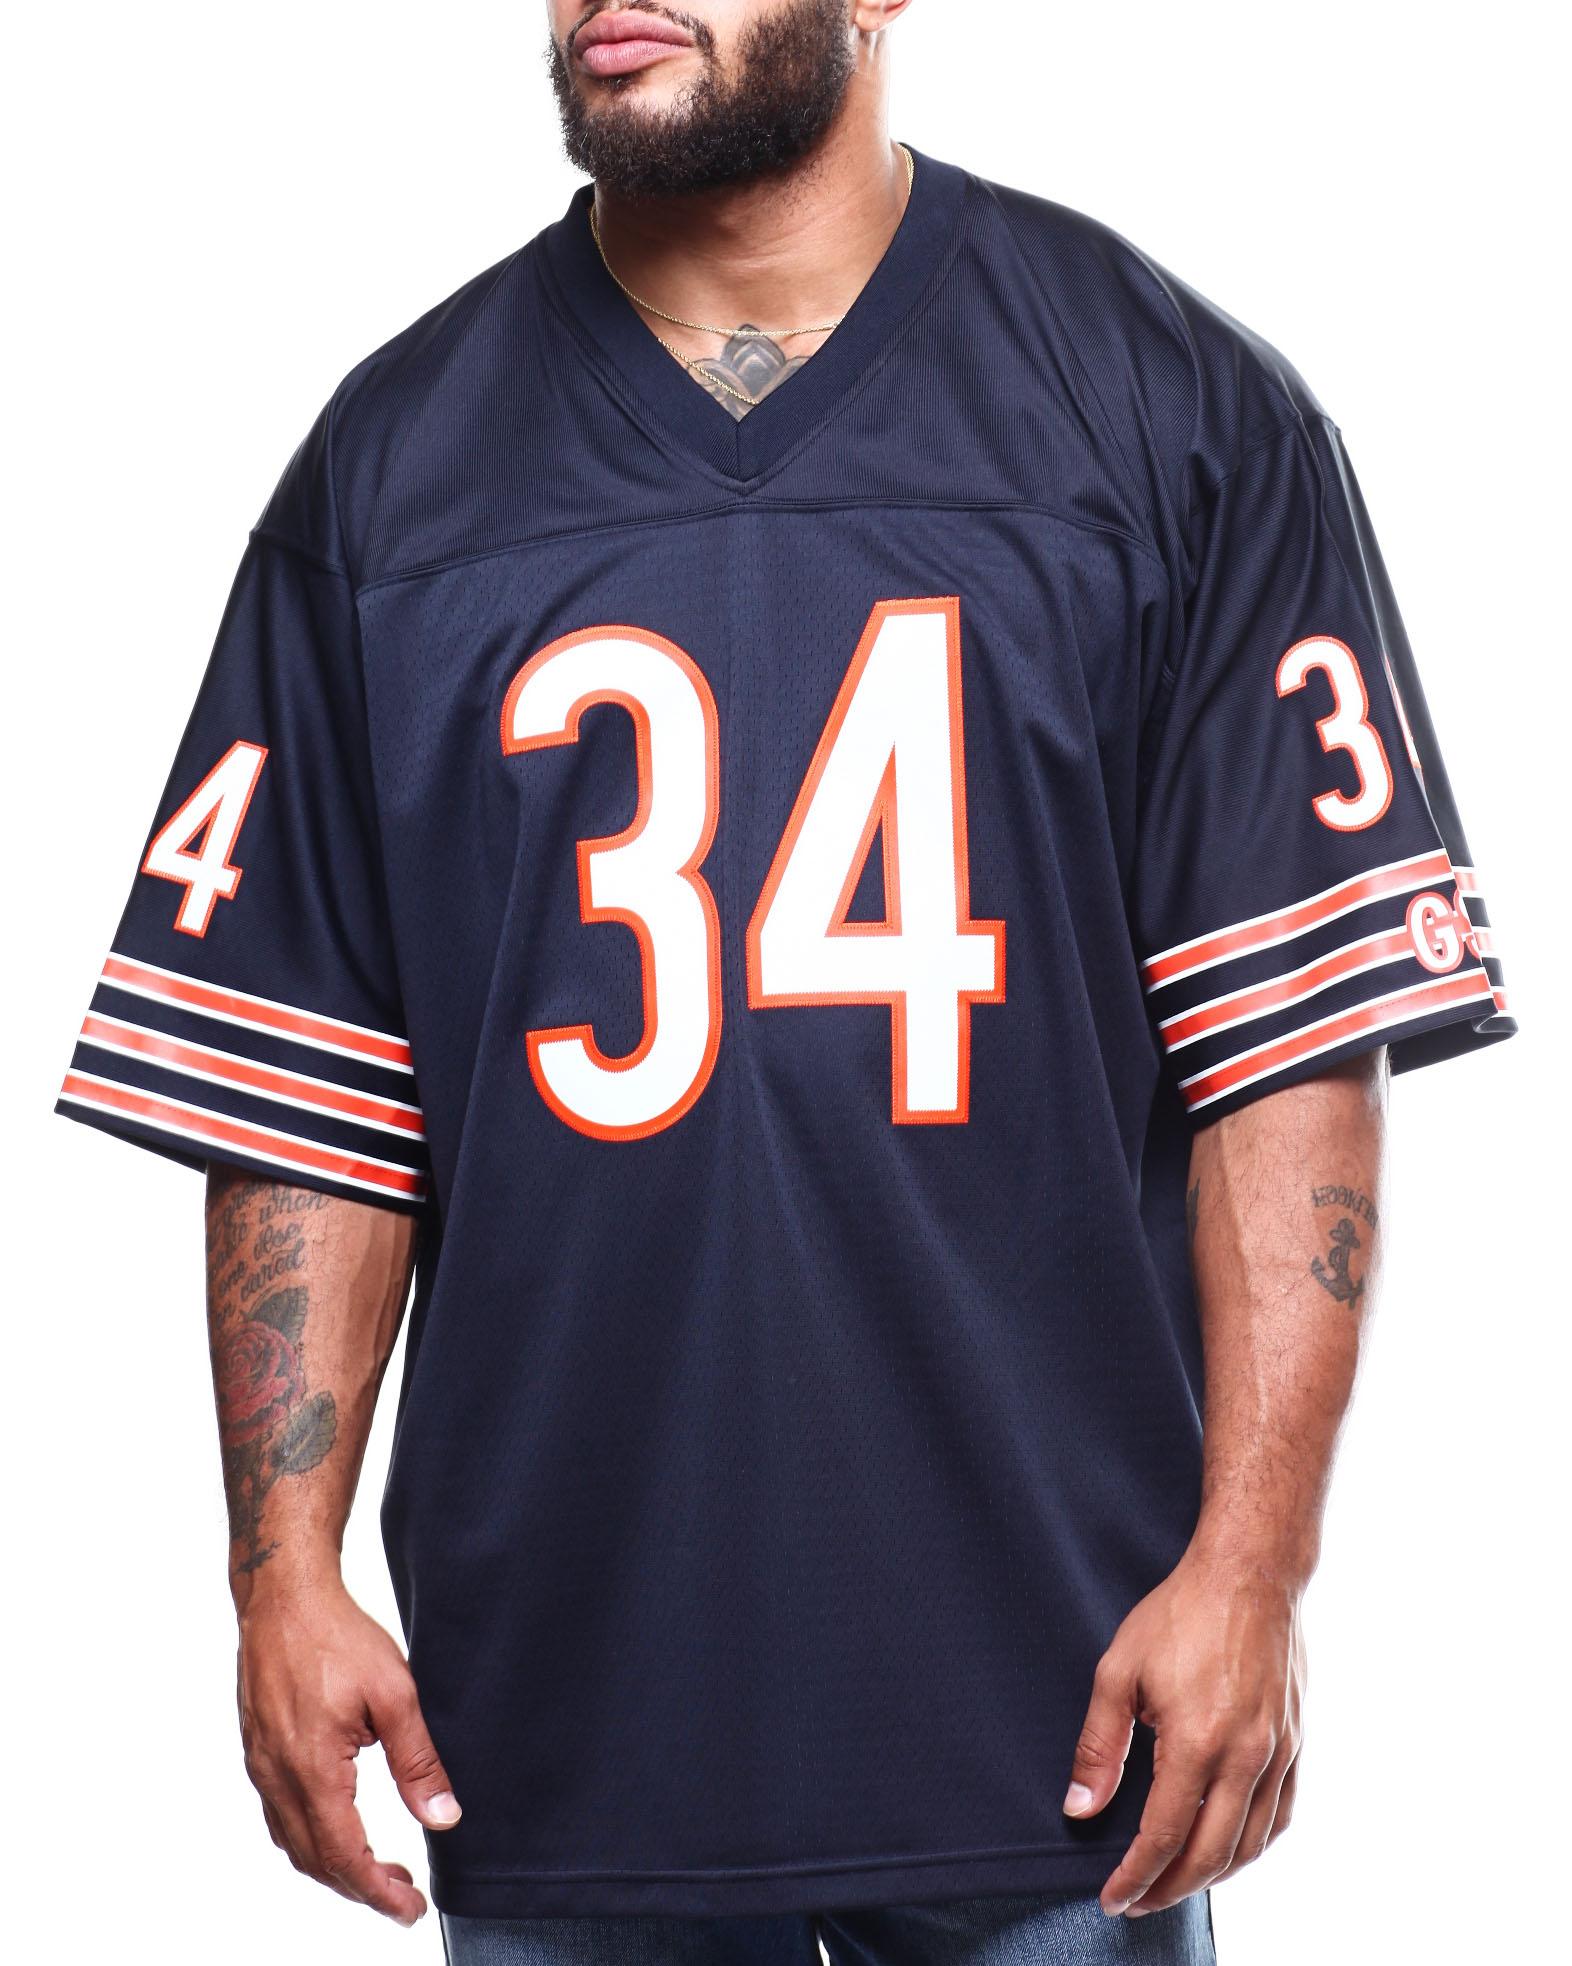 online retailer c0283 b2993 Buy Bears Walter Payton NFL Legacy Jersey (B&T) Men's Shirts ...